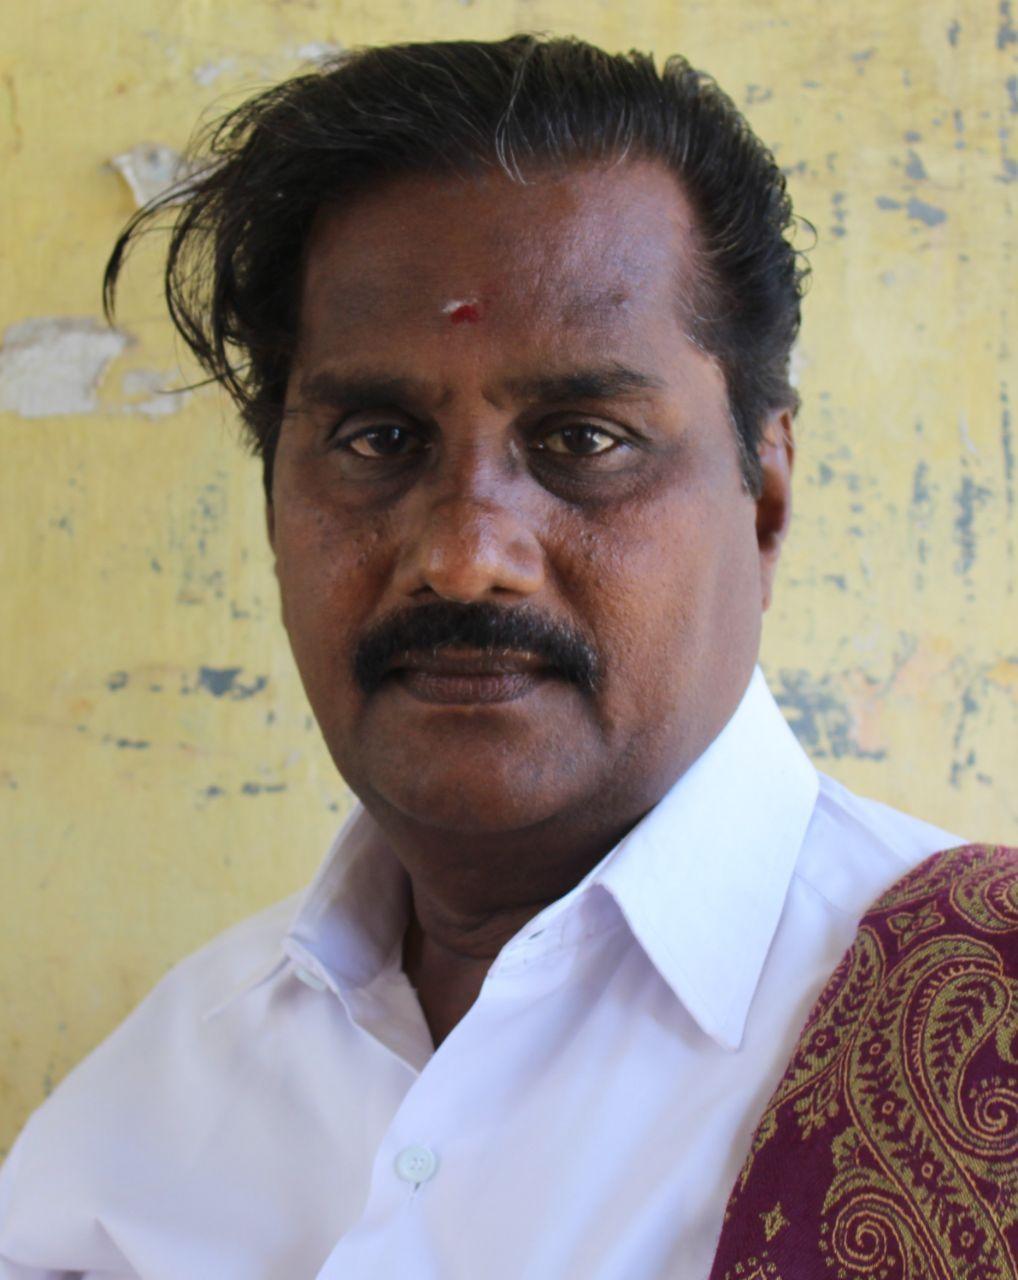 ஜெக வீரபாண்டியன்